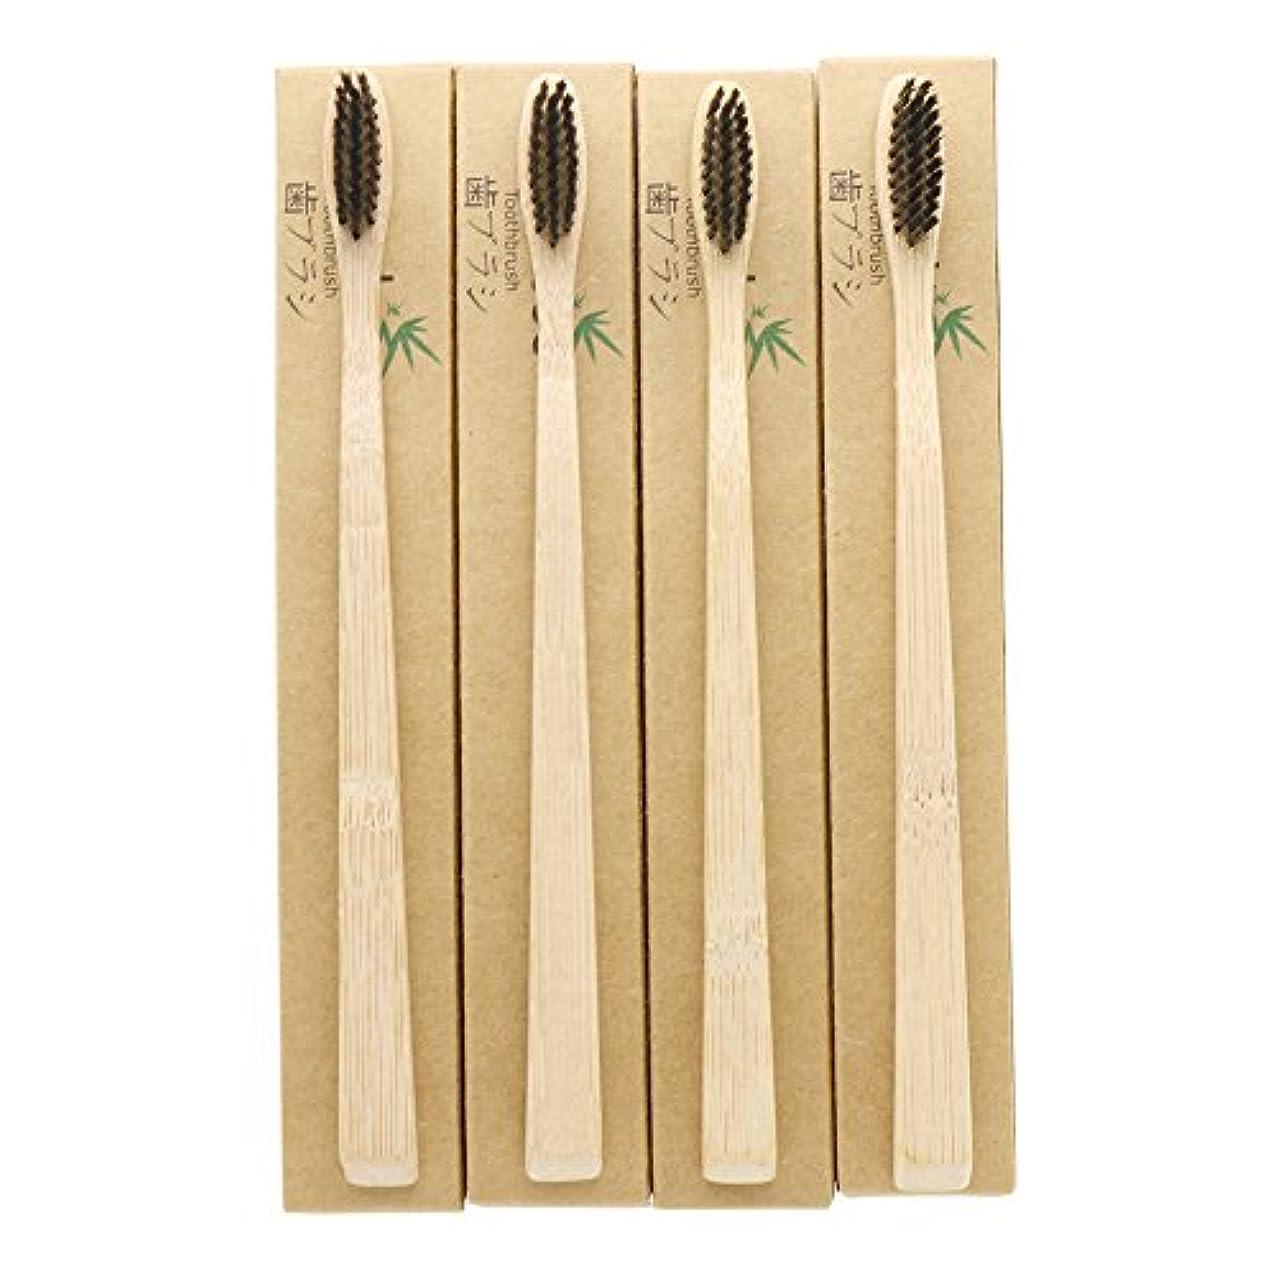 兄弟愛ホームシールN-amboo 竹製耐久度高い 歯ブラシ 黒い ハンドル小さい 4本入りセット